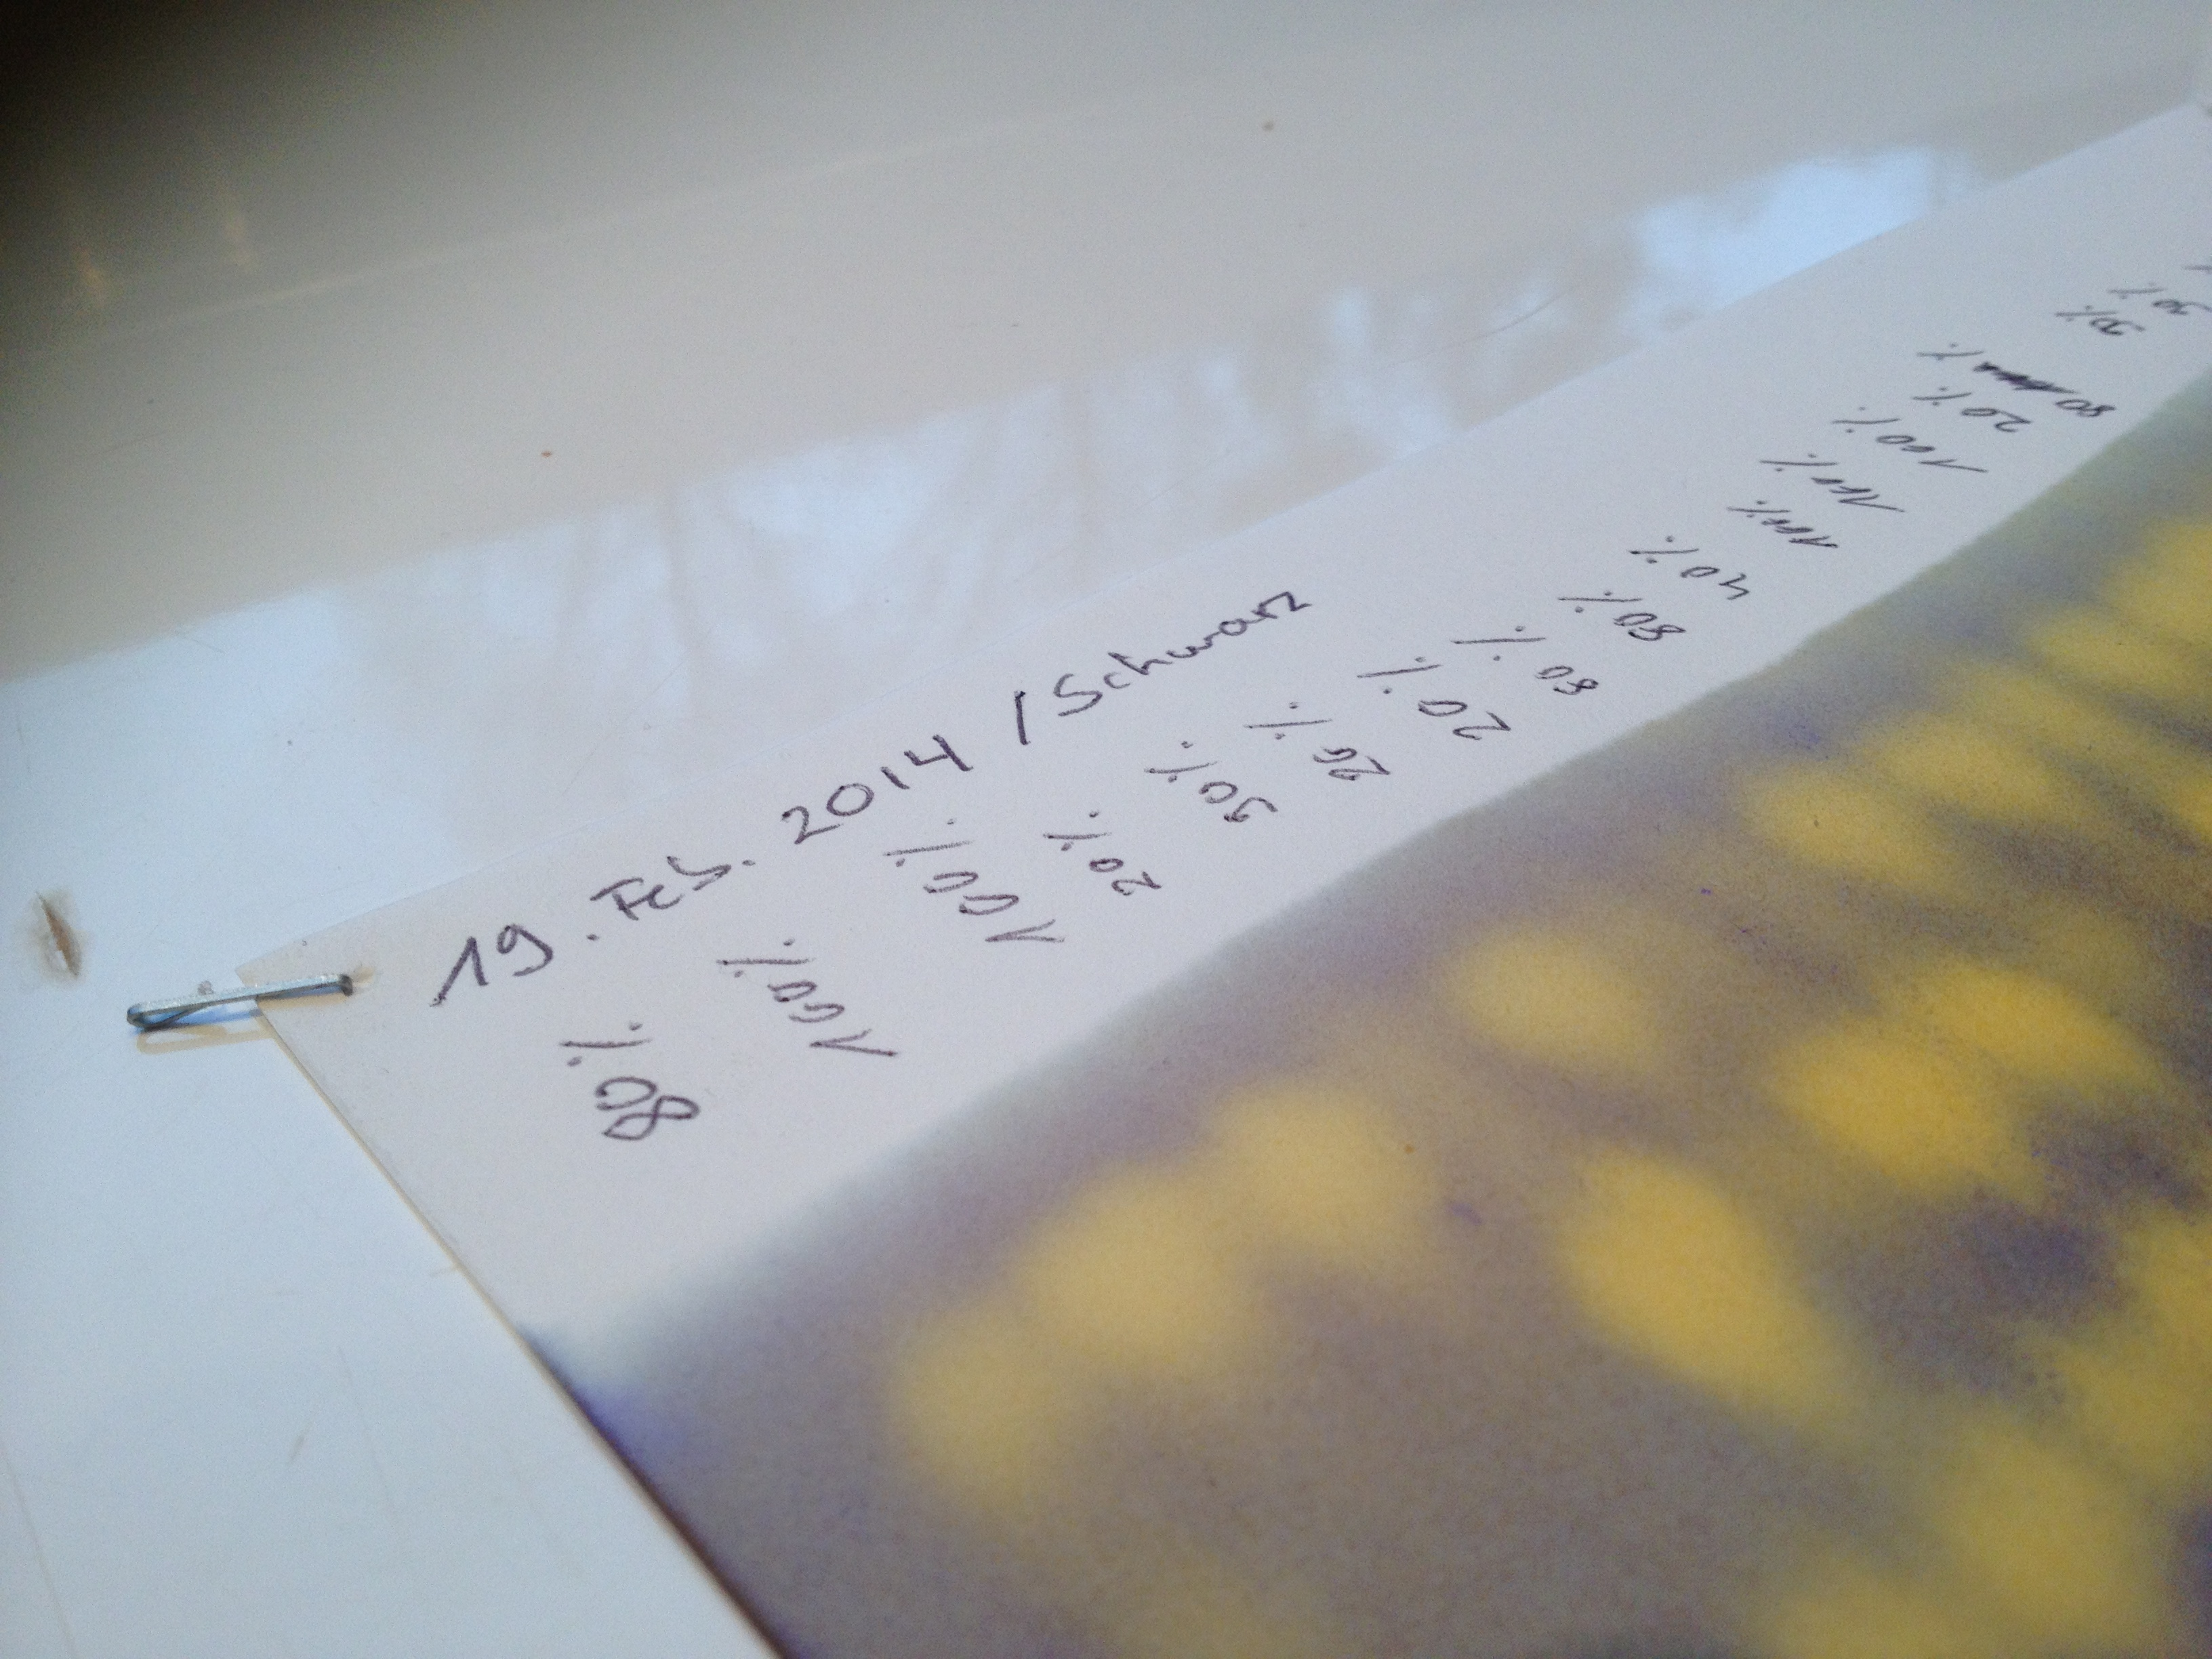 Auftragung der Weinproben auf das Fliespapier.